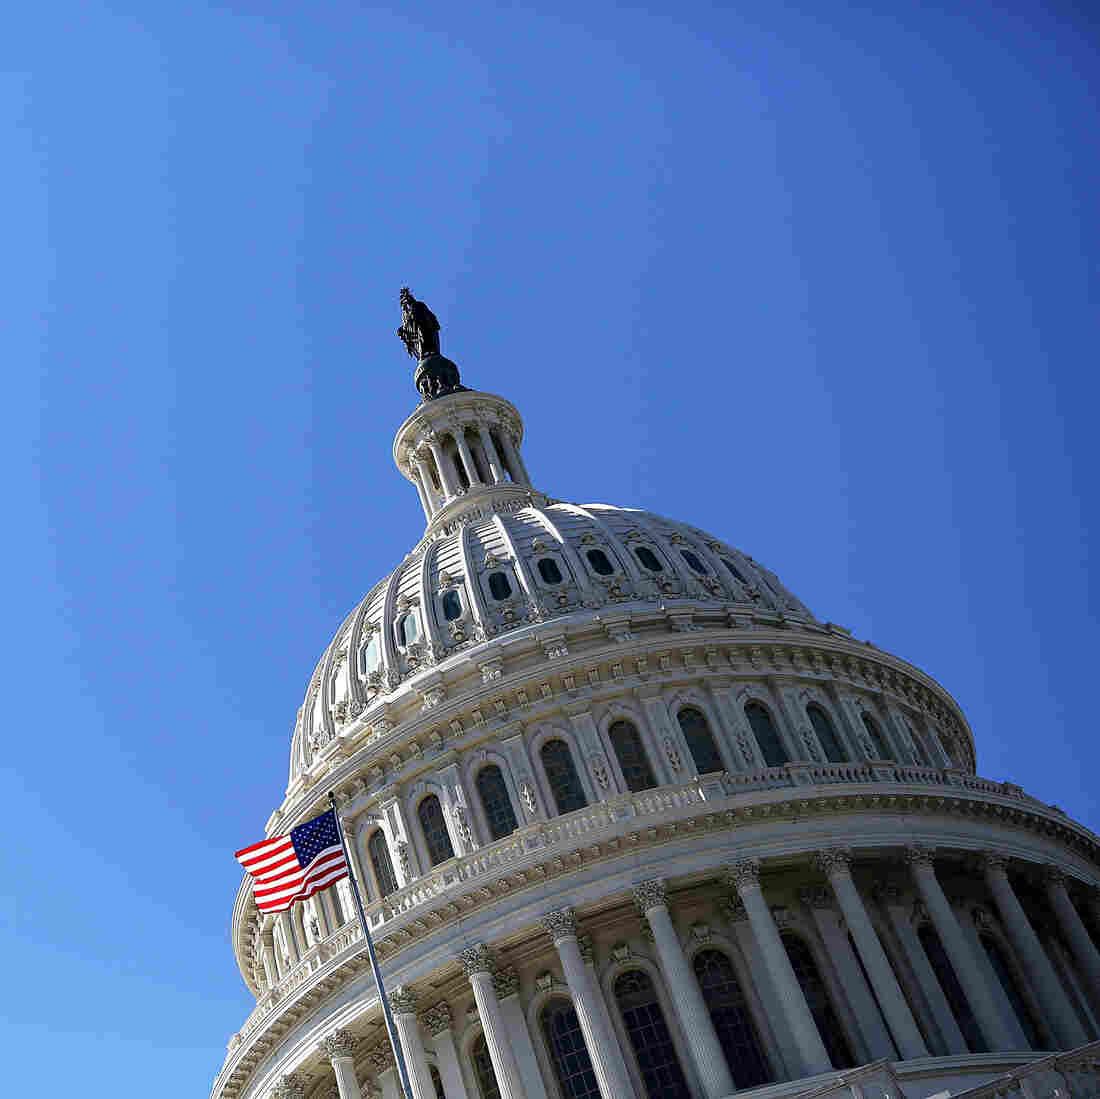 A U.S. flag flies in front of the dome of the U.S. Capitol February 12, 2013.